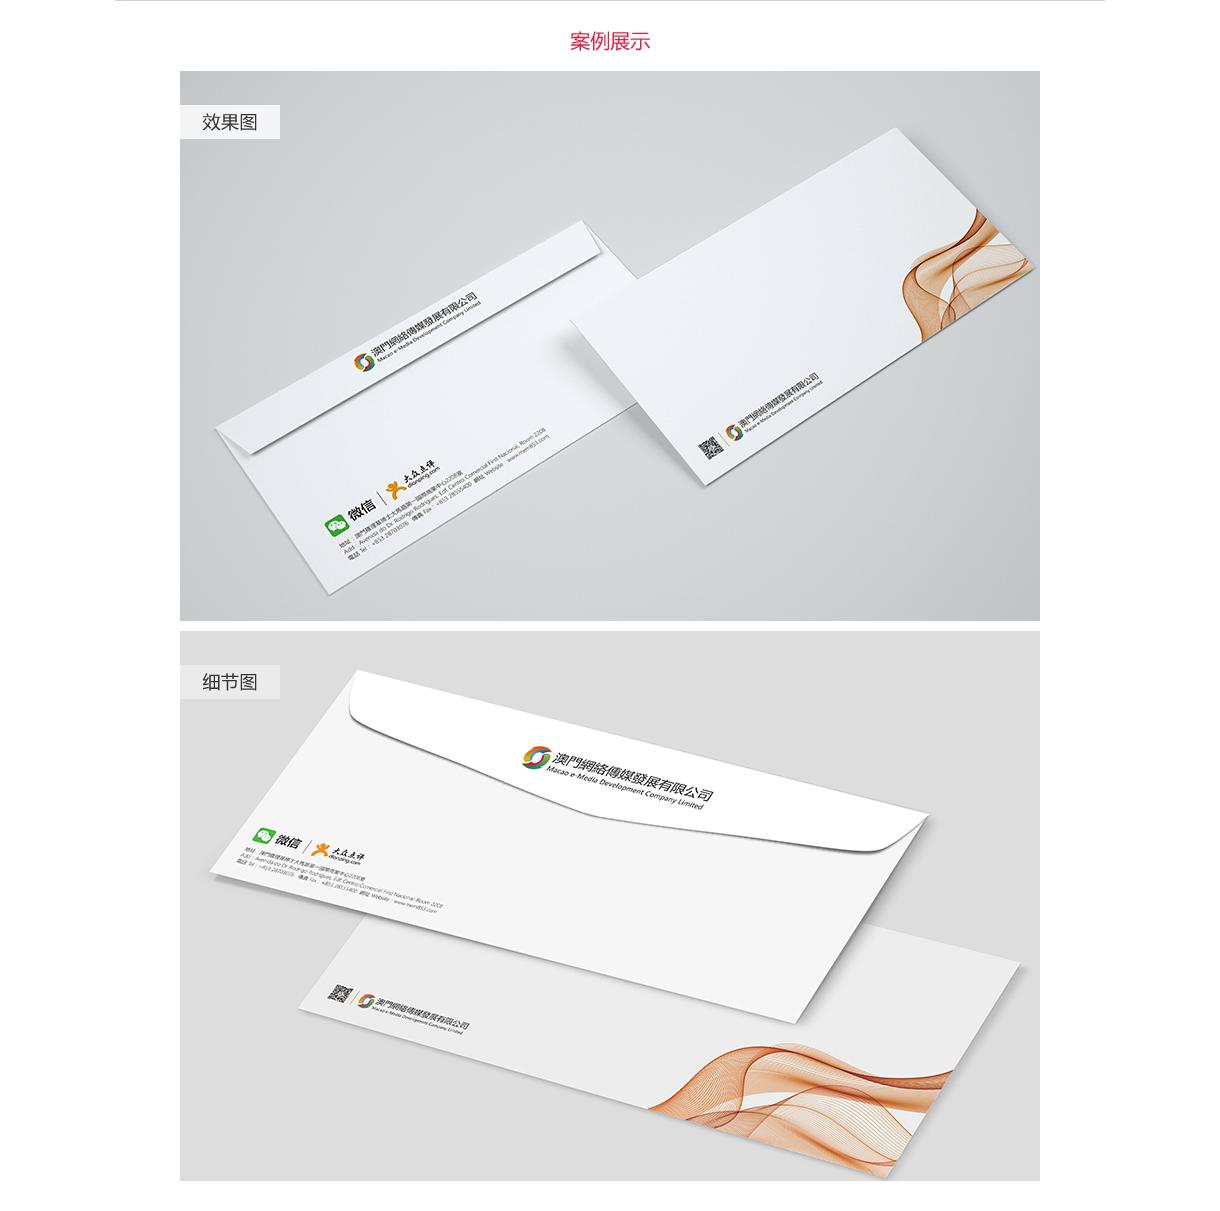 信封创意设计